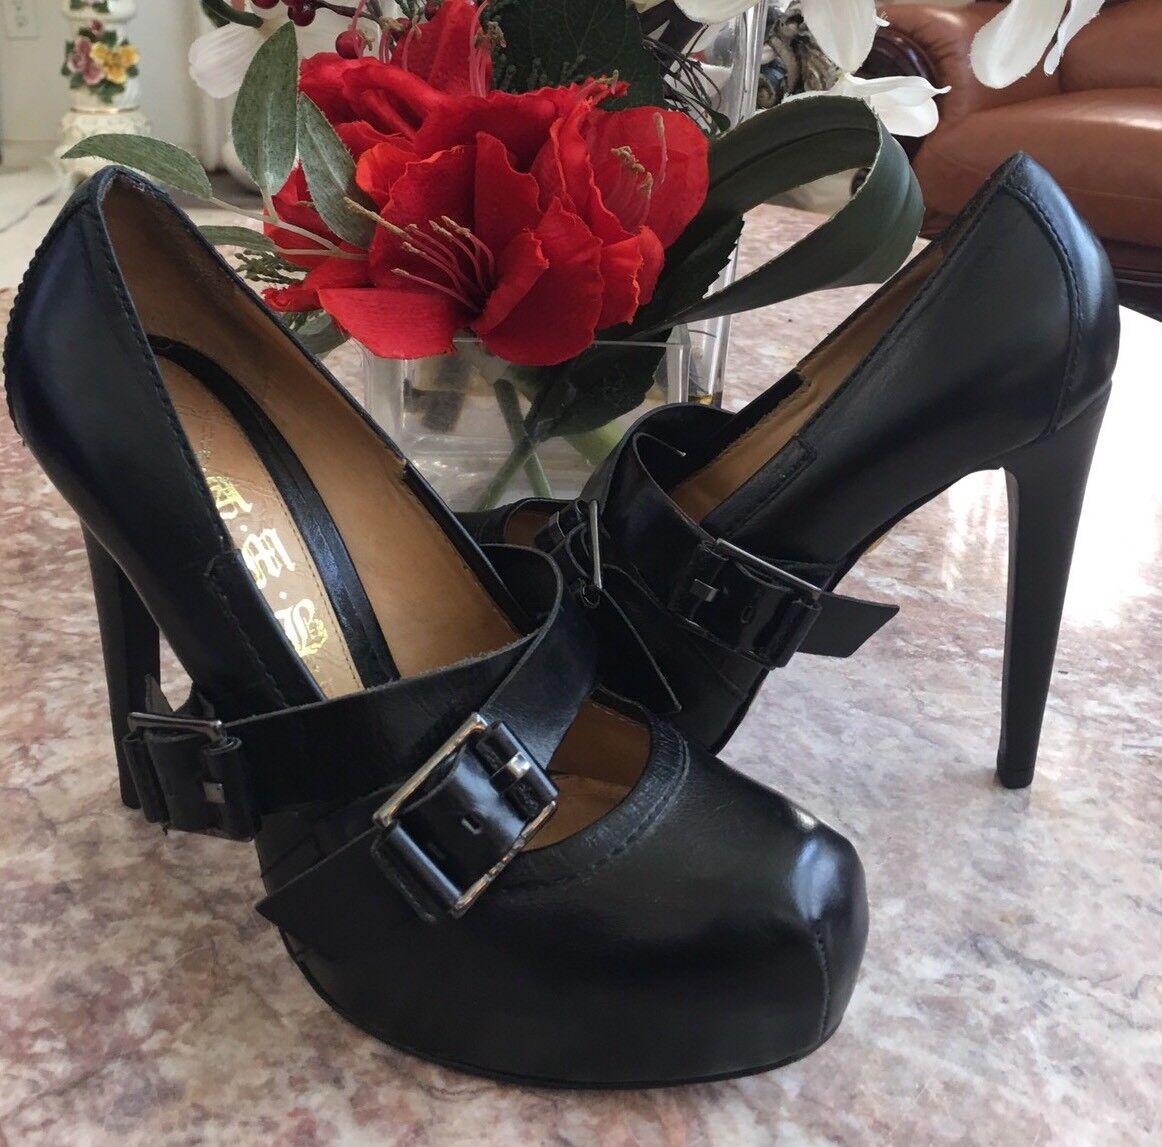 il miglior servizio post-vendita L.A.M.B. BY GWEN STEFANI nero Leather High Heel Pumps Dimensione Dimensione Dimensione 6.5 M EUC, MSRP  400  qualità di prima classe